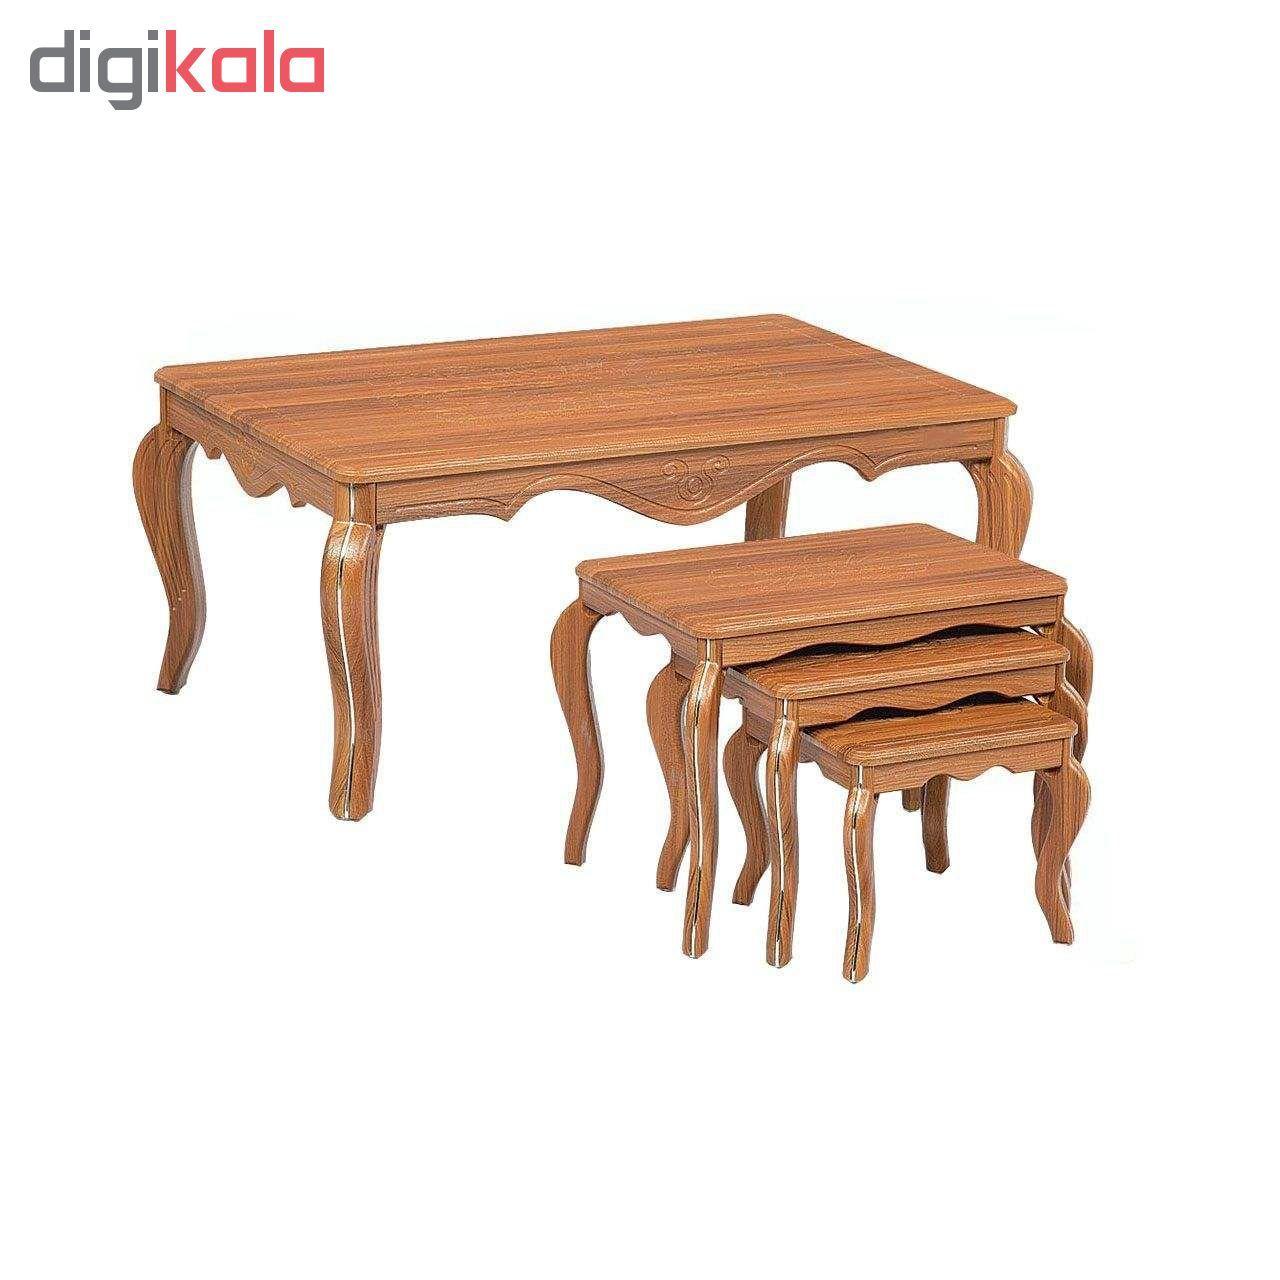 میز جلو مبلی و مجموعه سه عددی عسلی مدل وکیم ونیزw main 1 9